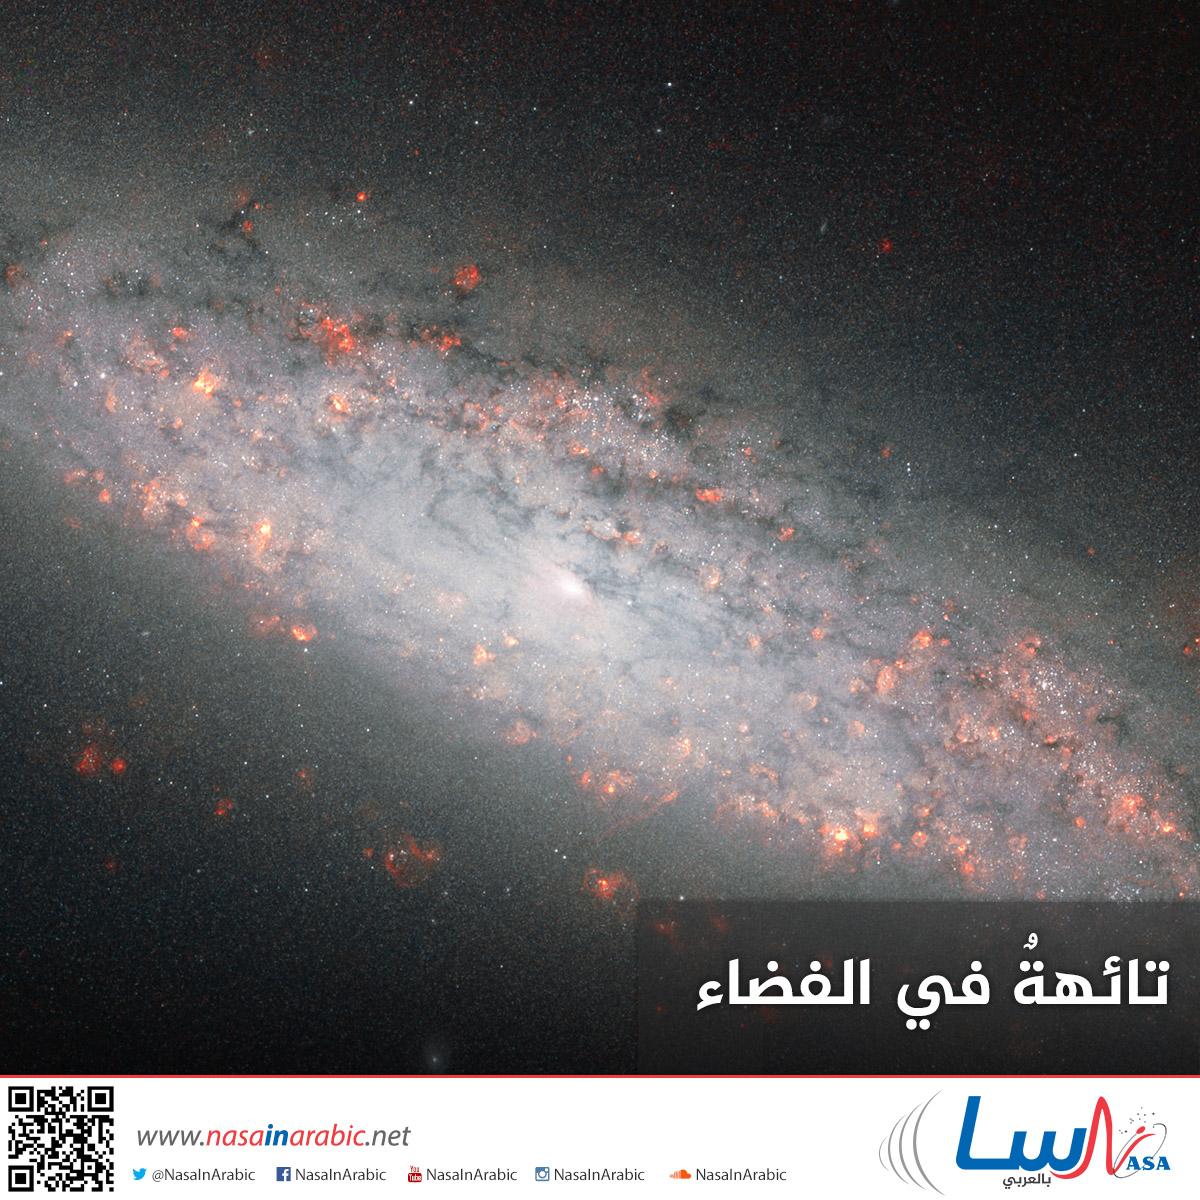 تائهةٌ في الفضاء صورة هابل الجديدة للمجرة NGC 6503